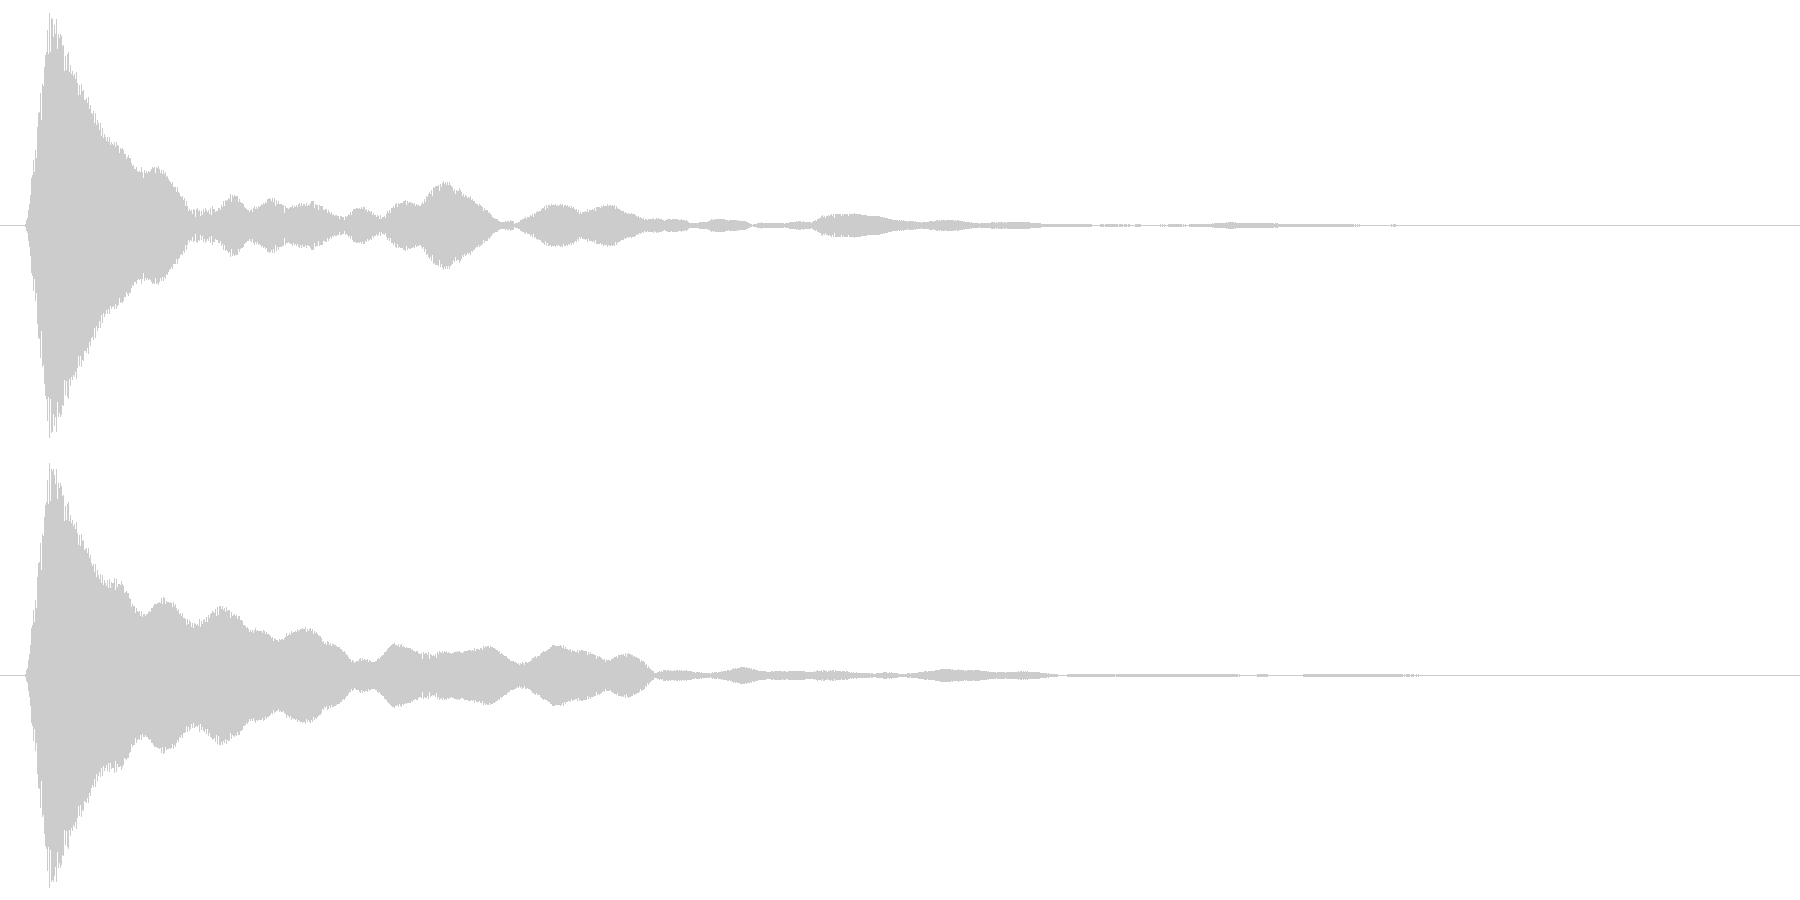 テック系ボタン音3(ターン)の未再生の波形